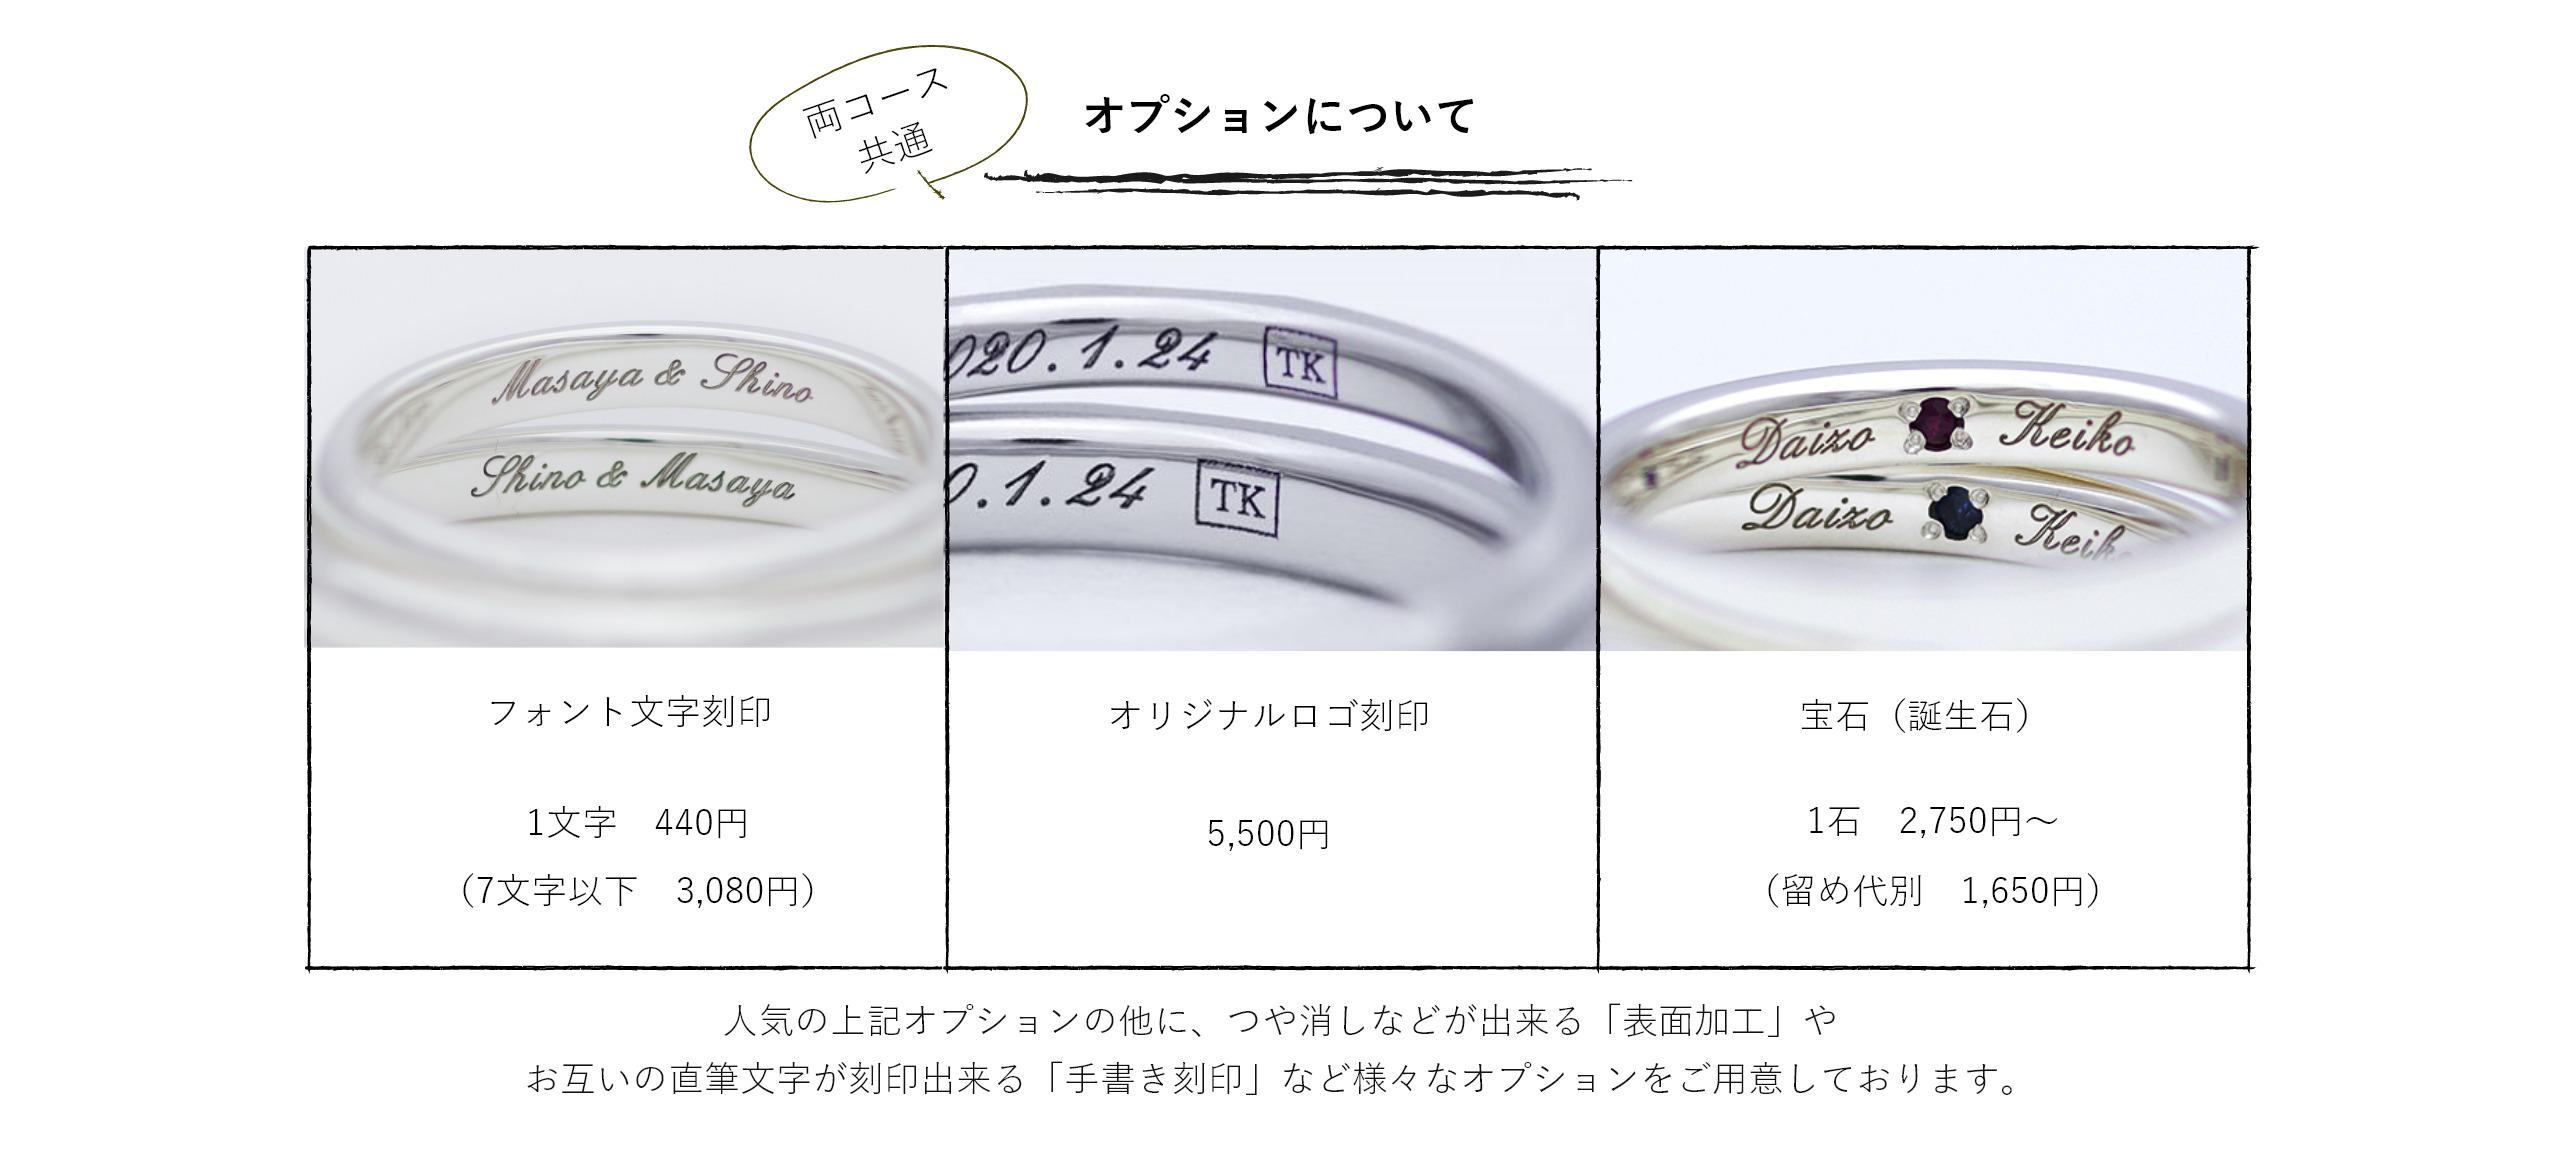 オプションについて。つや消しなどが出来る「表面加工」やお互いの直筆文字が刻印出来る「手書き刻印」など様々なオプションをご用意しております。